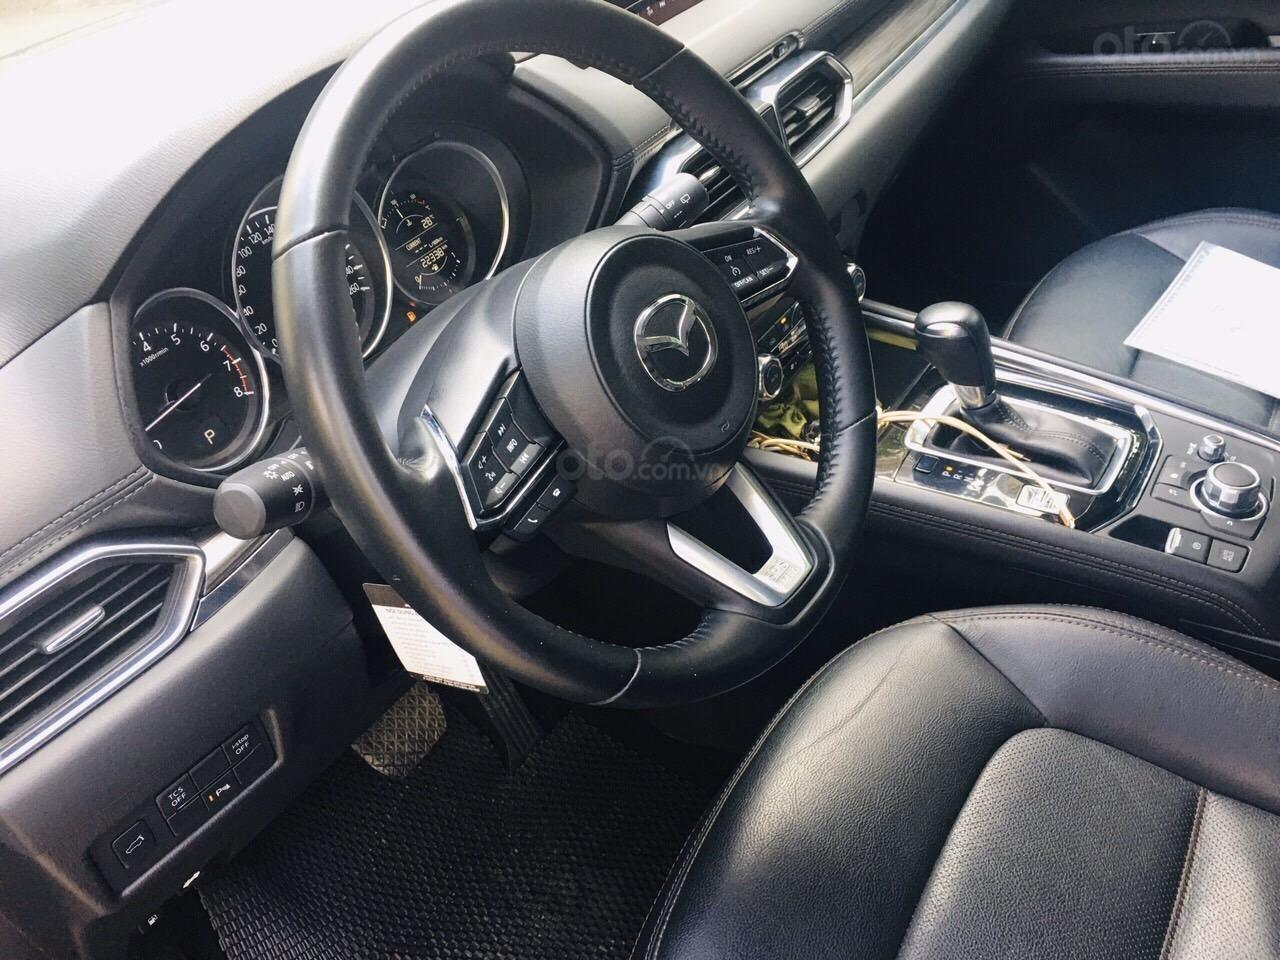 Cần bán xe Mazda CX 5 2.0 năm sản xuất 2018, màu xanh lam (4)